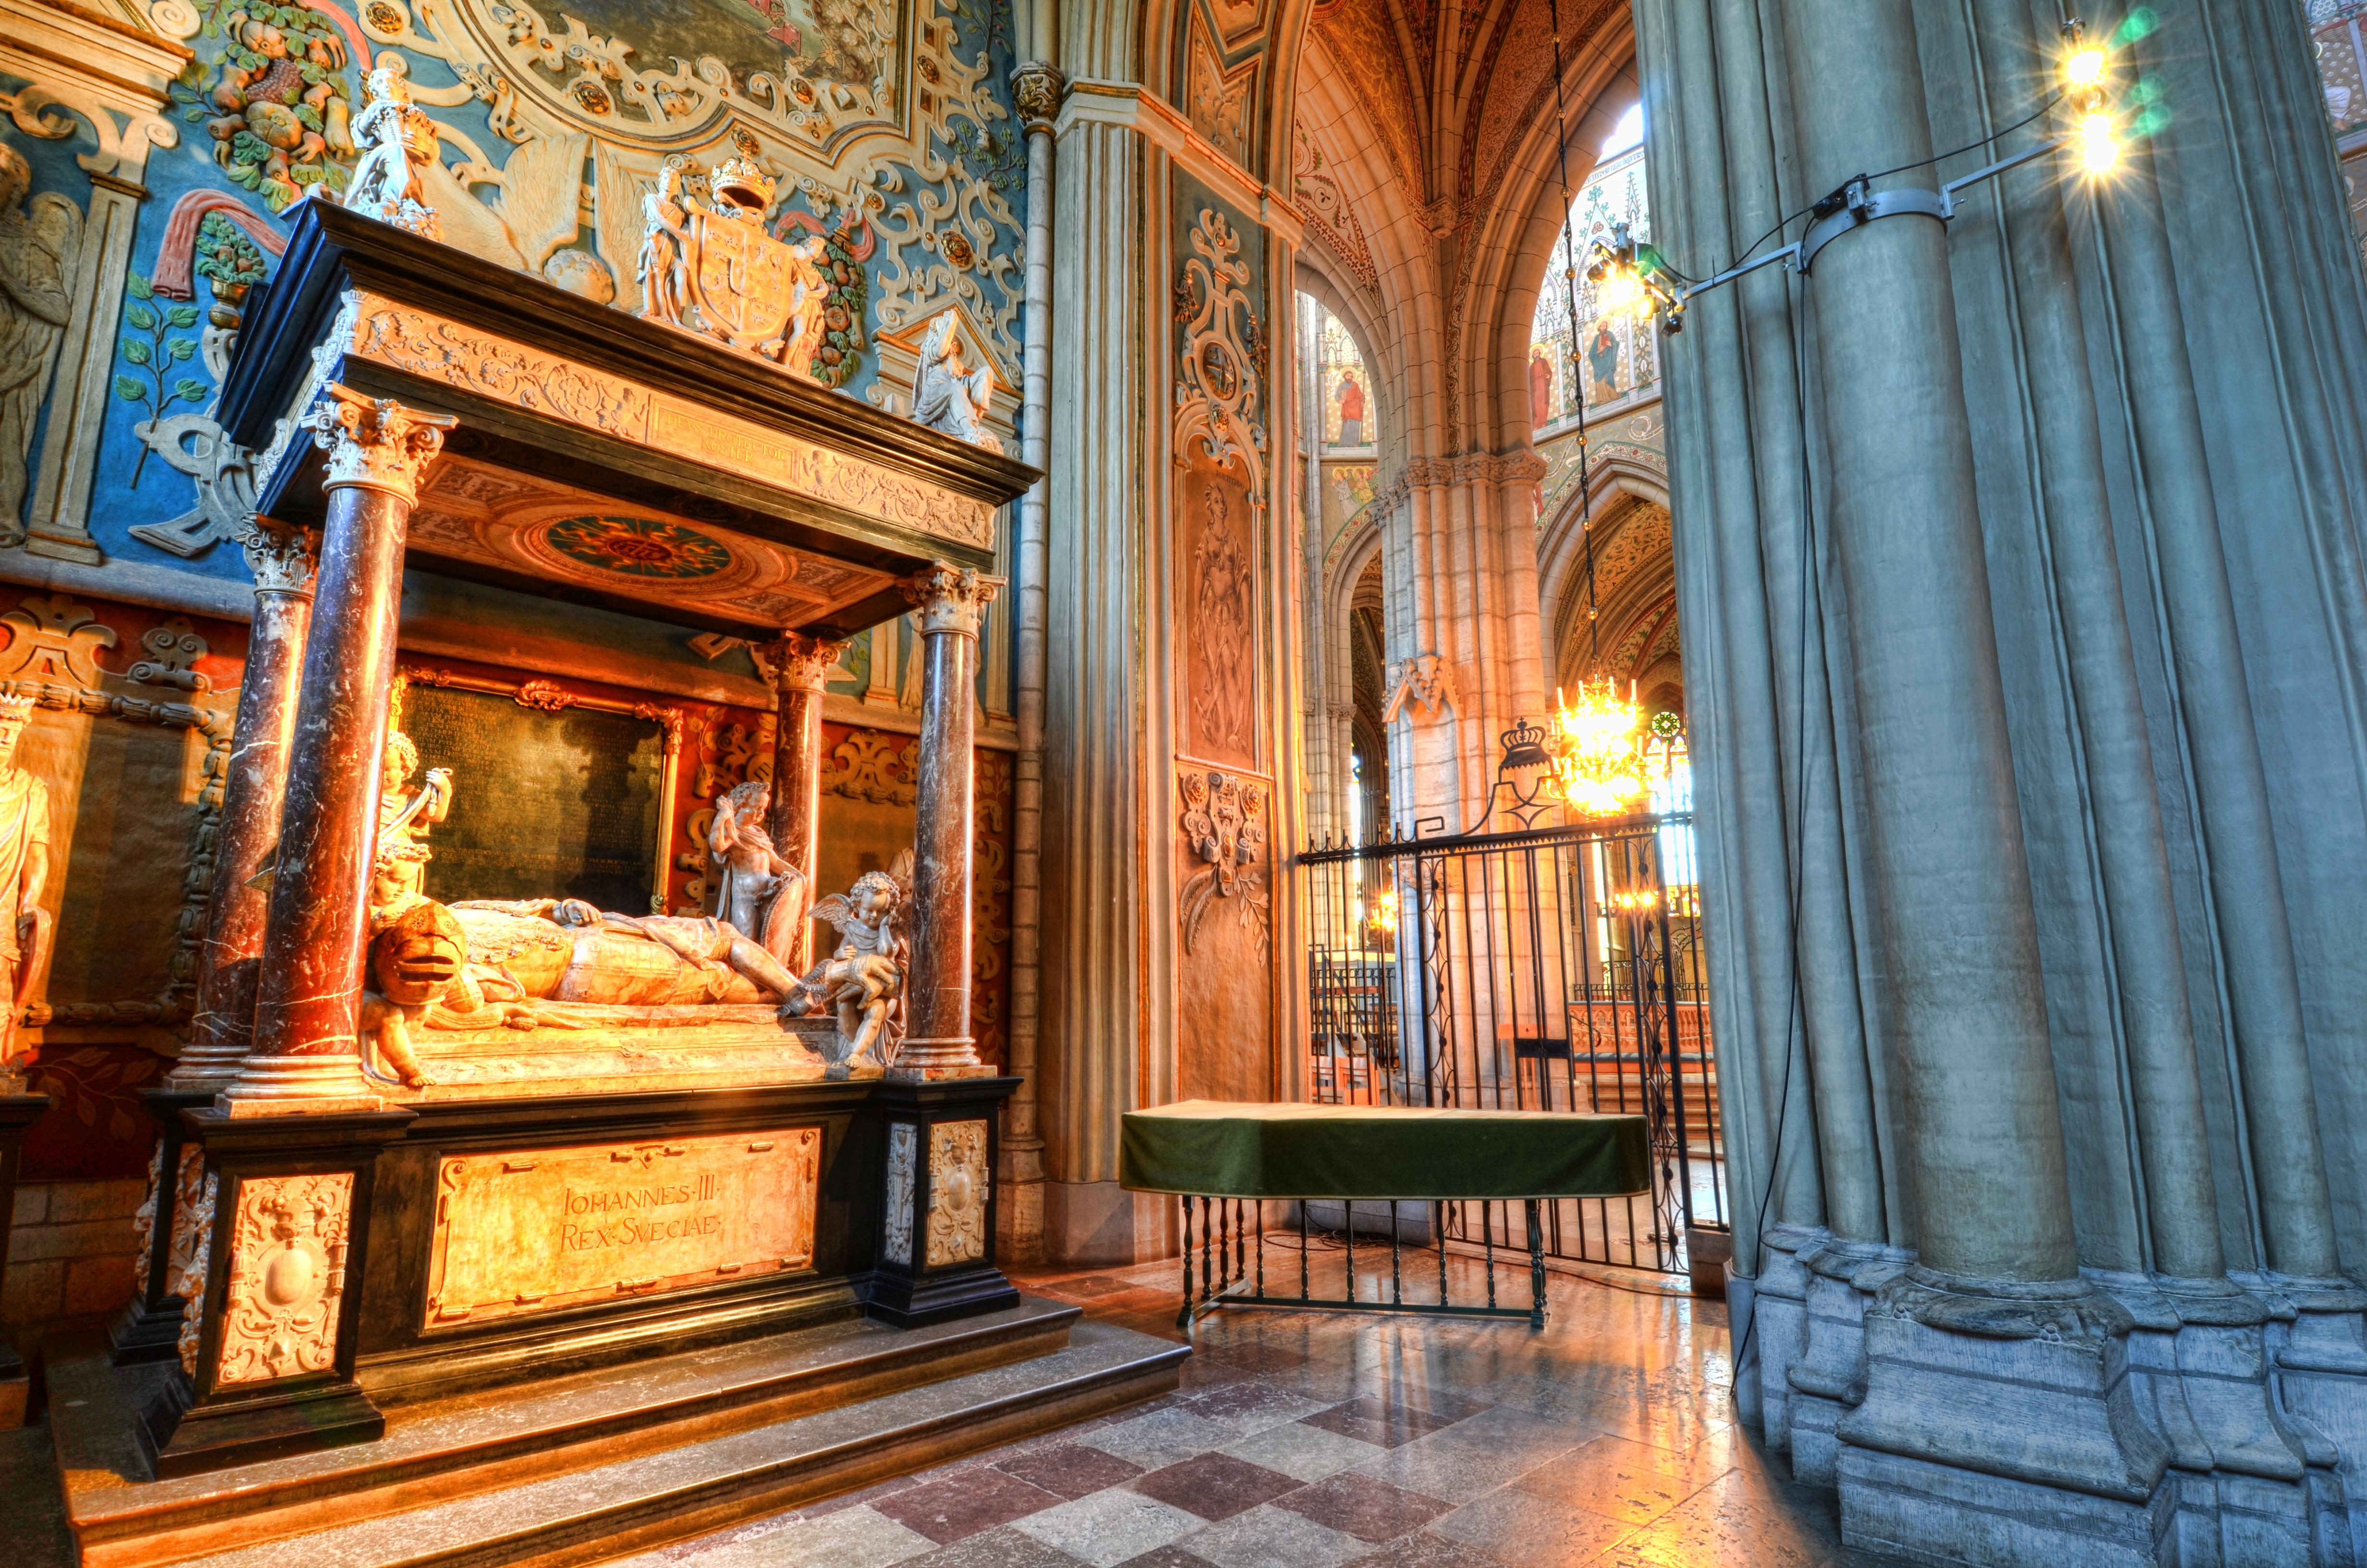 Uppsala Cathedral III by HenrikSundholm